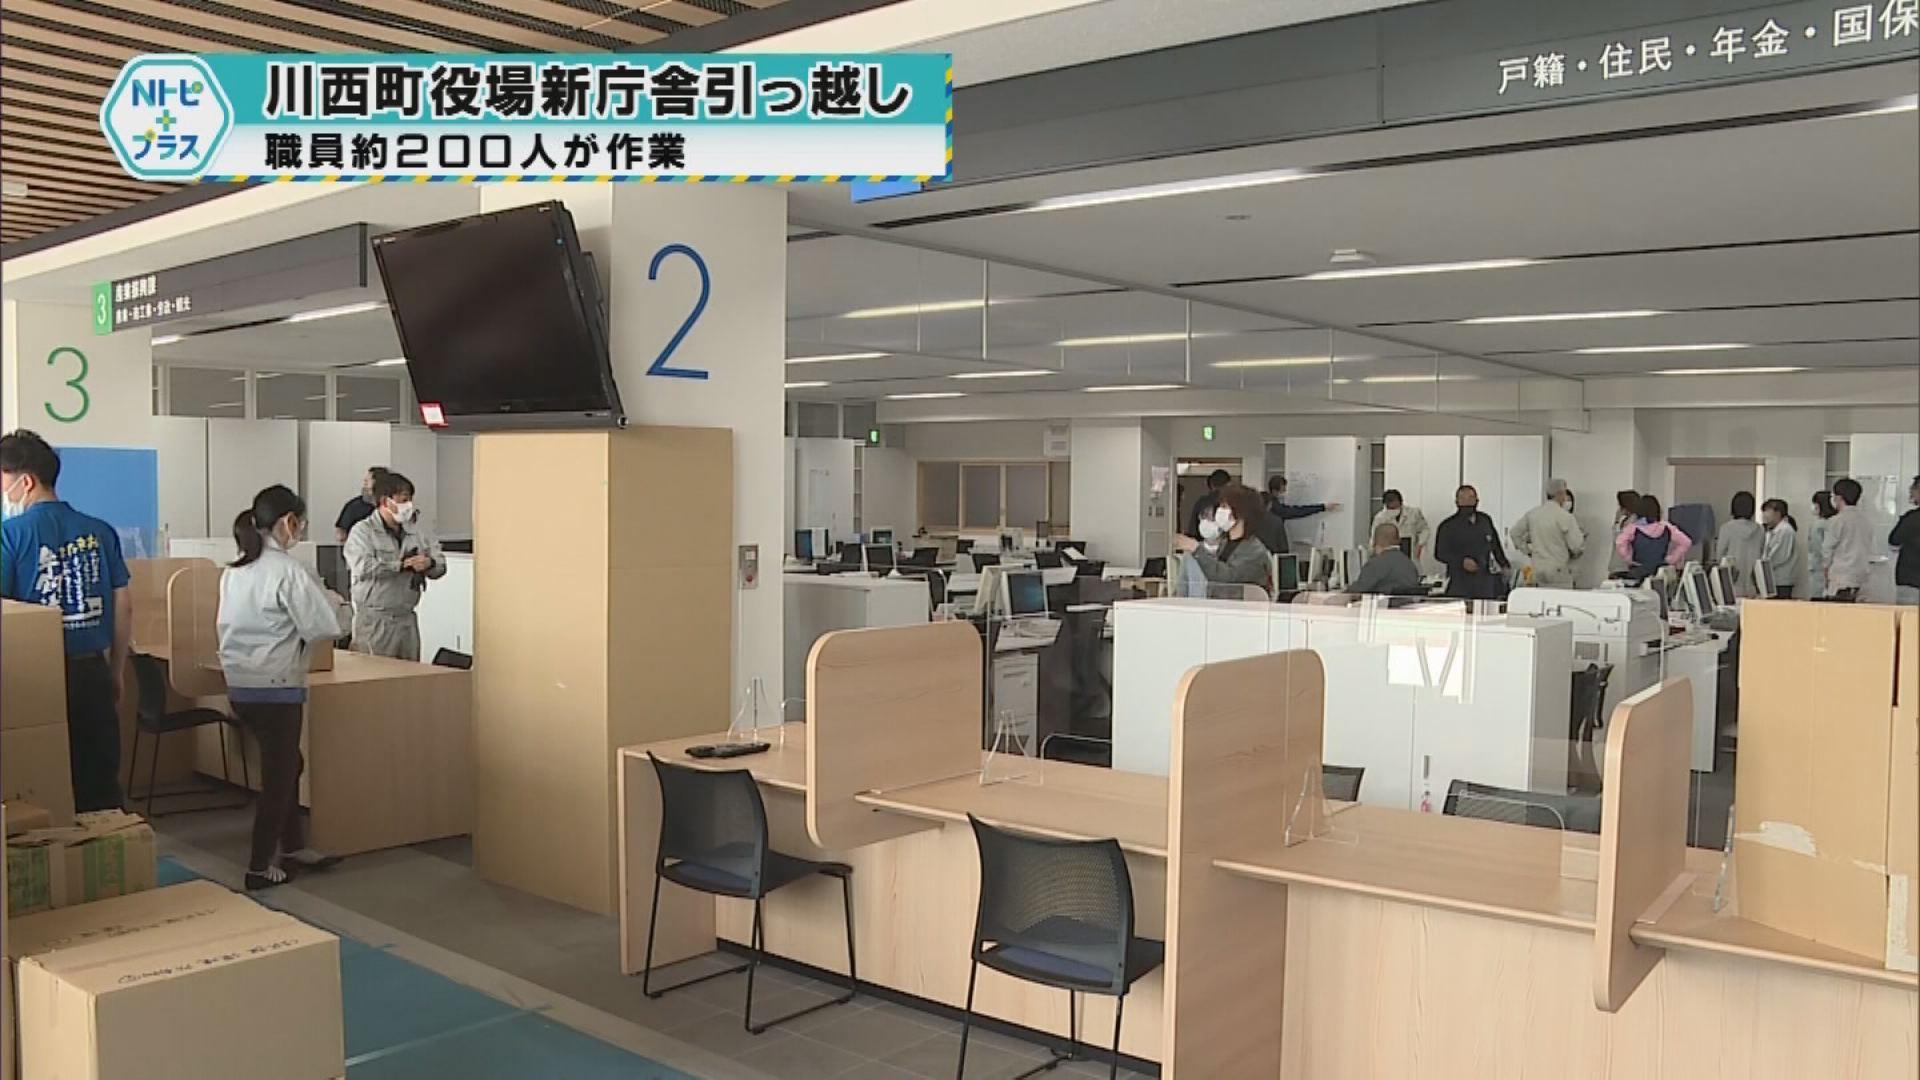 「川西町役場新庁舎引っ越し」職員約200人が作業